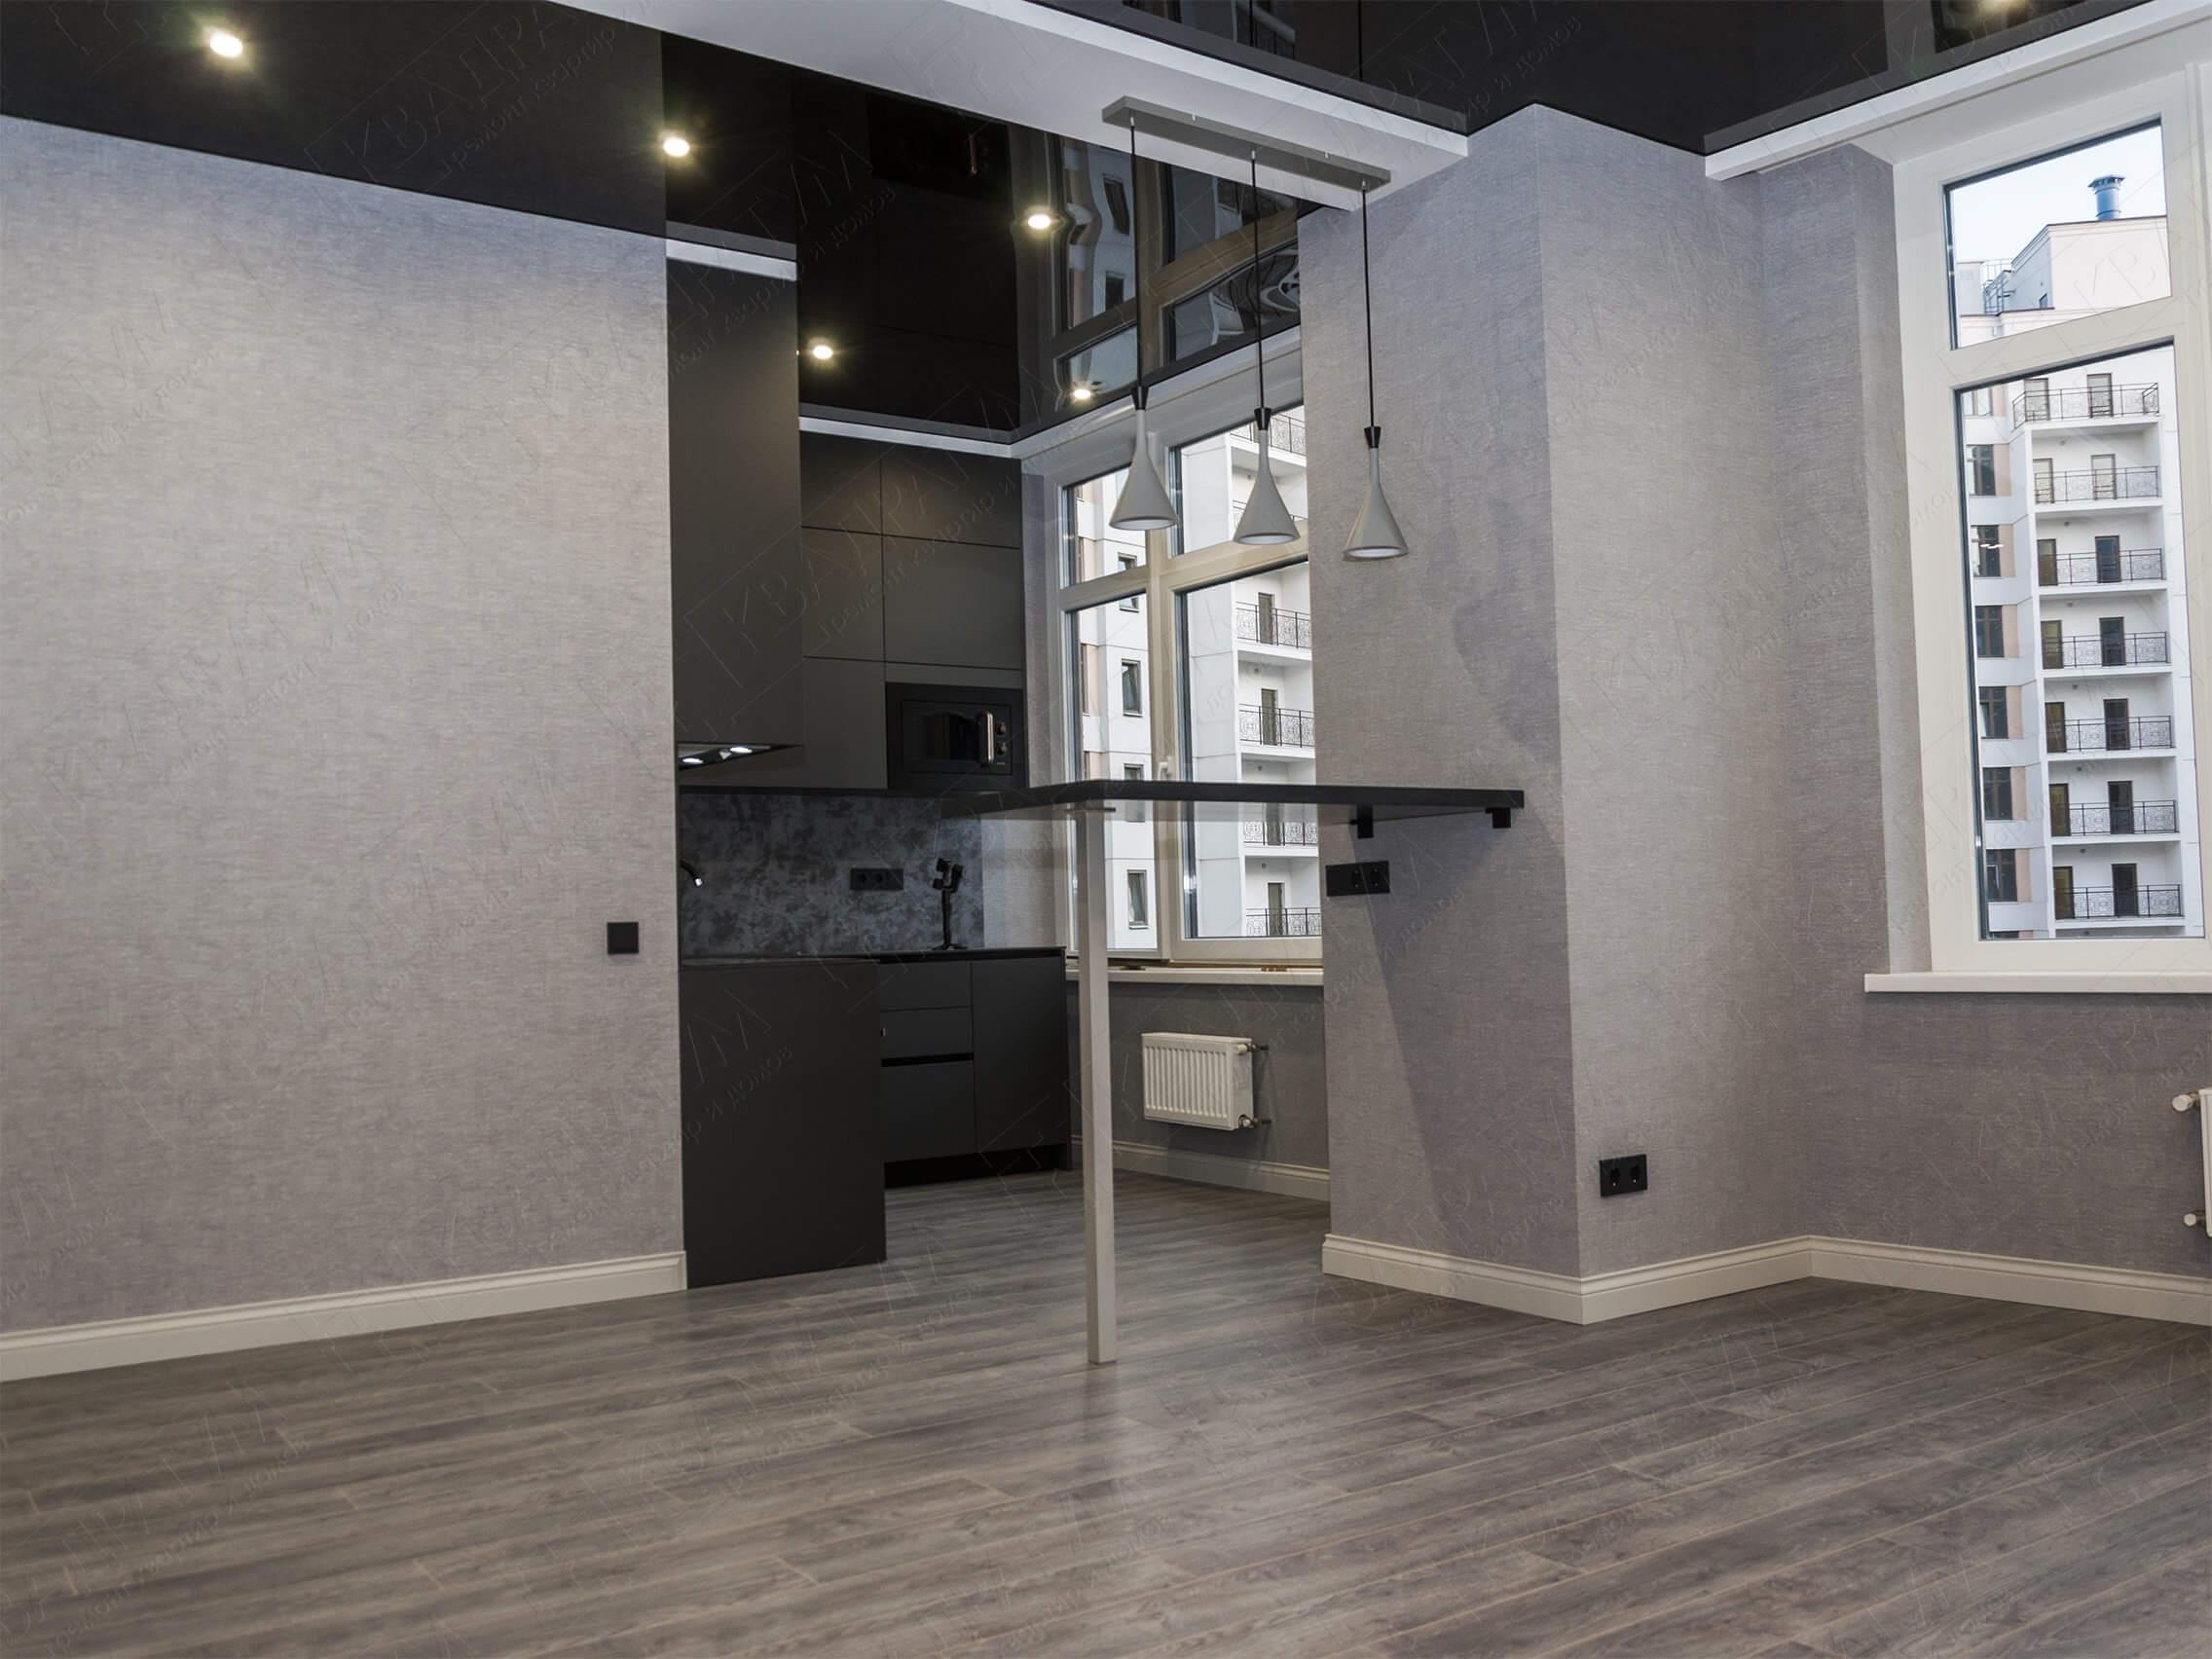 Кухня-студия после ремонта квартиры под сдачу 32-я Жемчужина Одесса